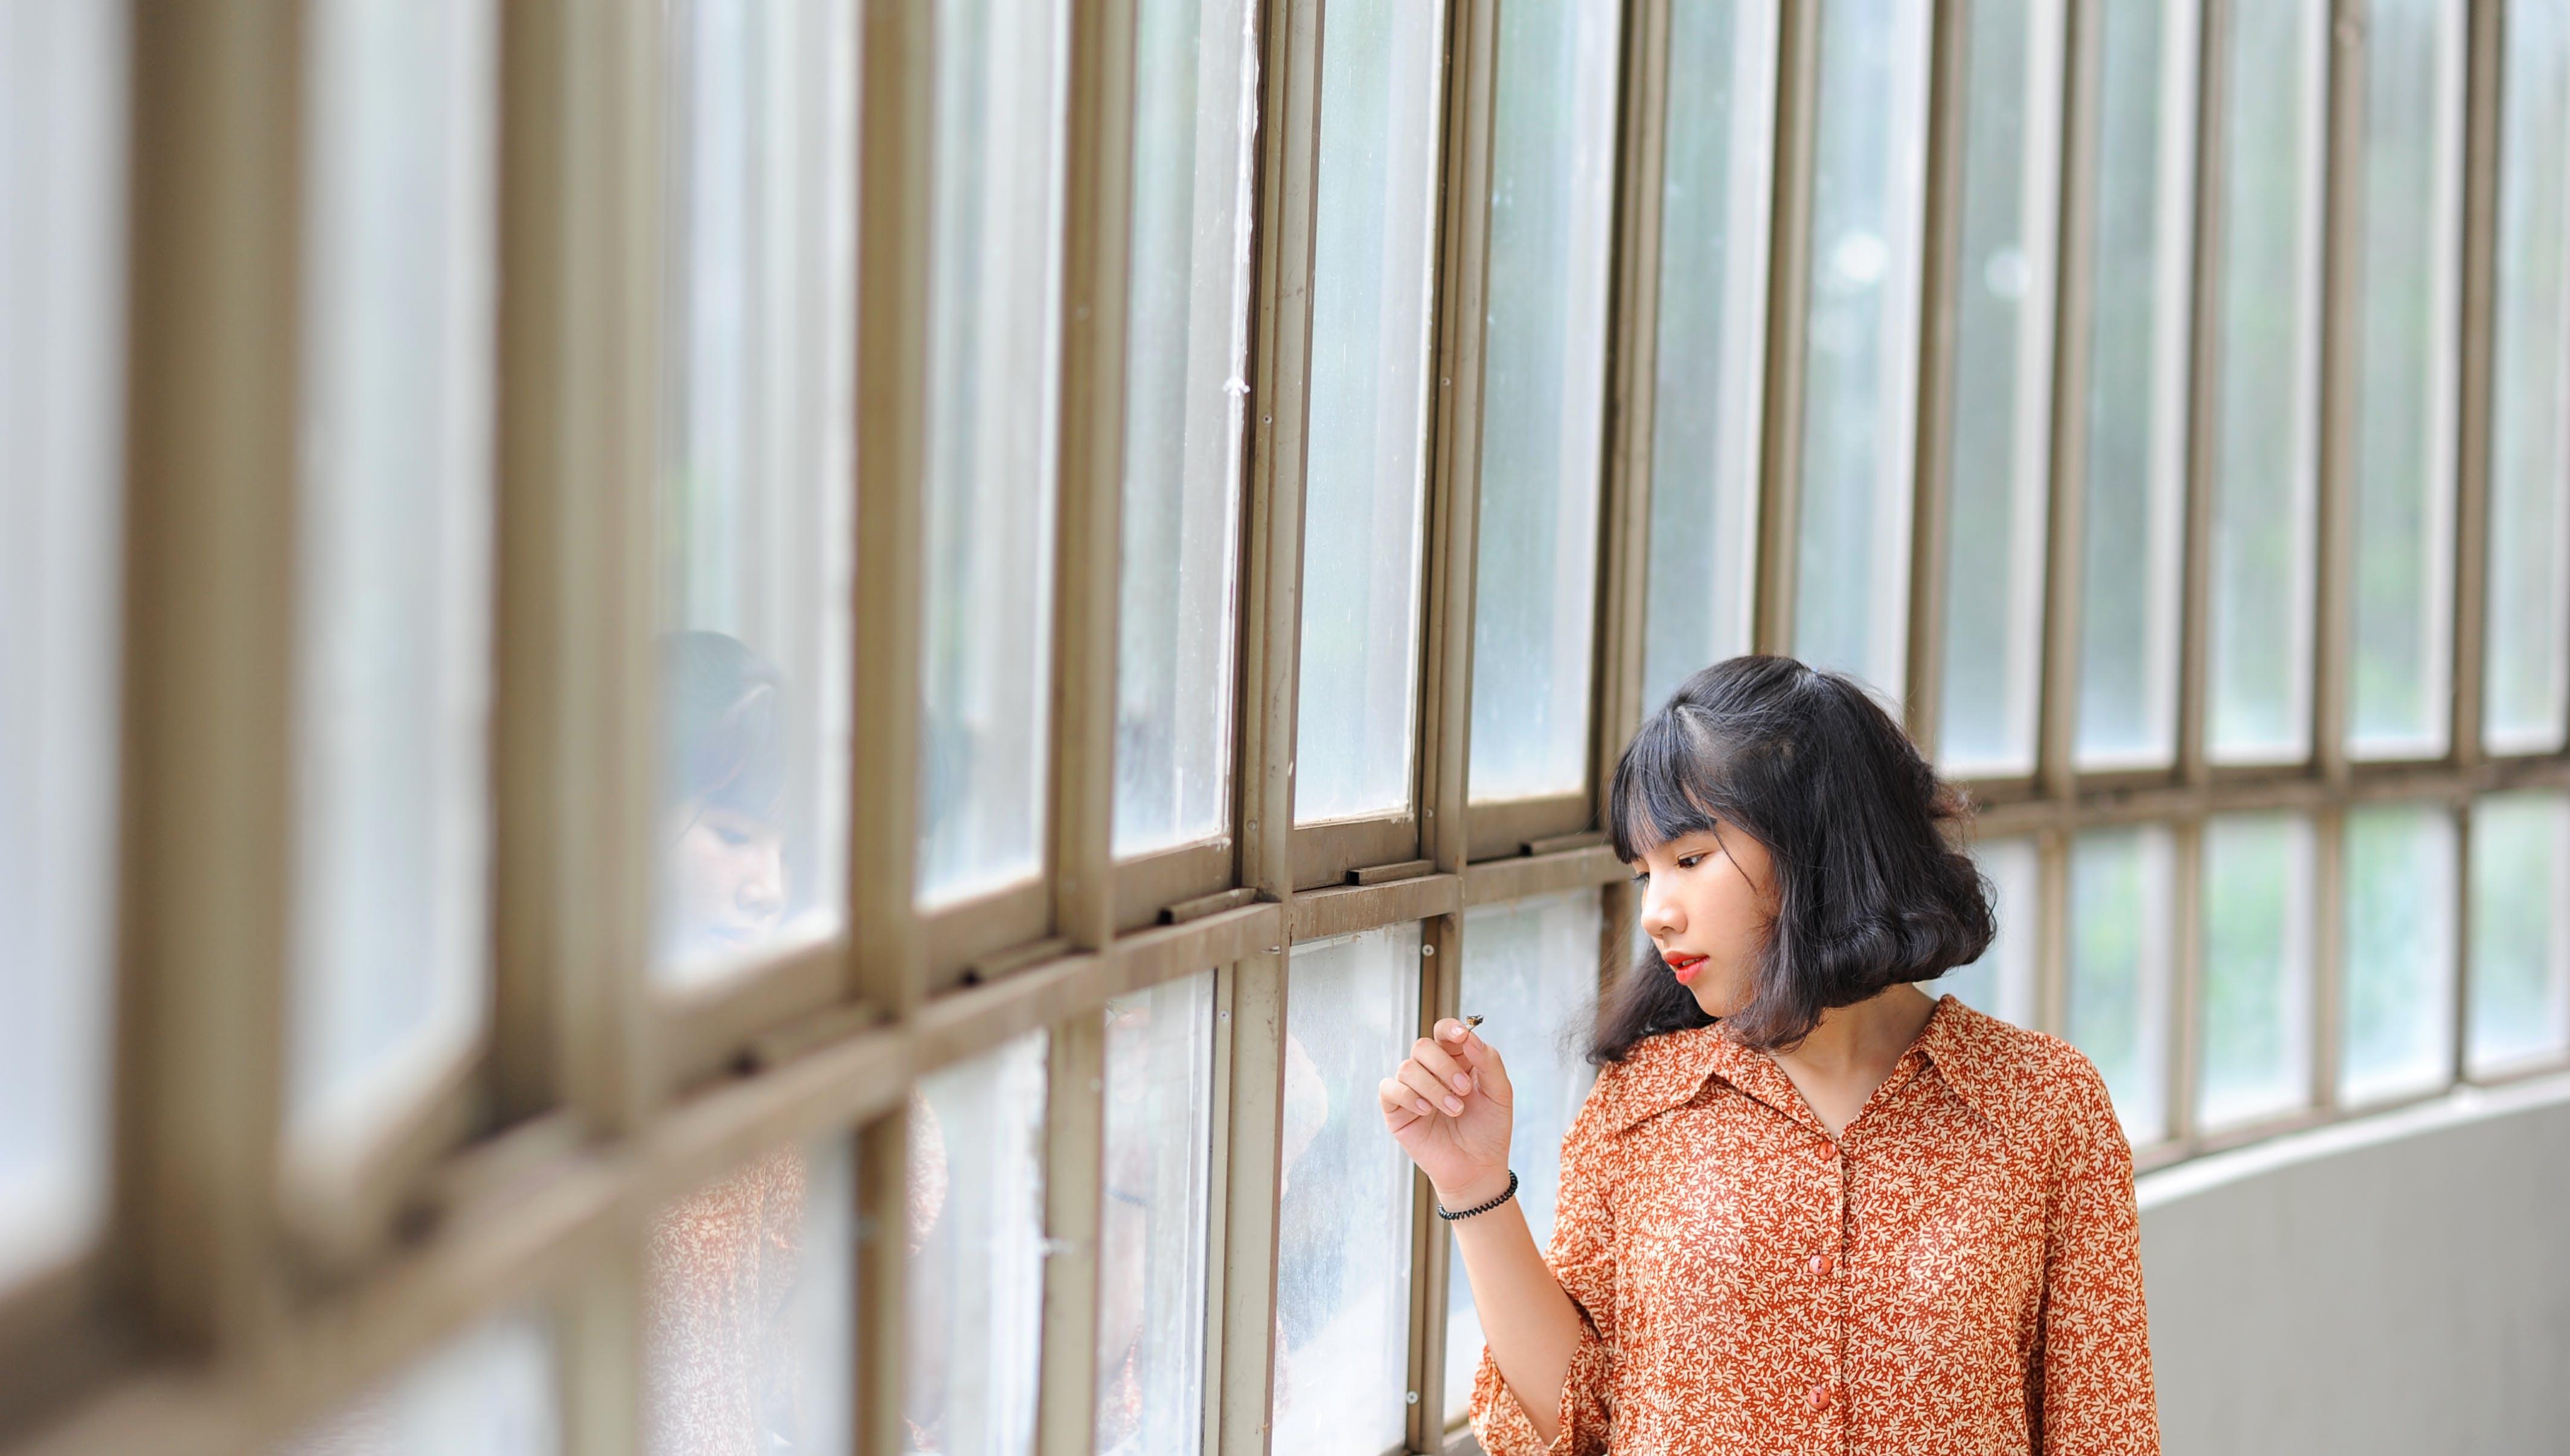 Woman Leaning Beside Glass Window